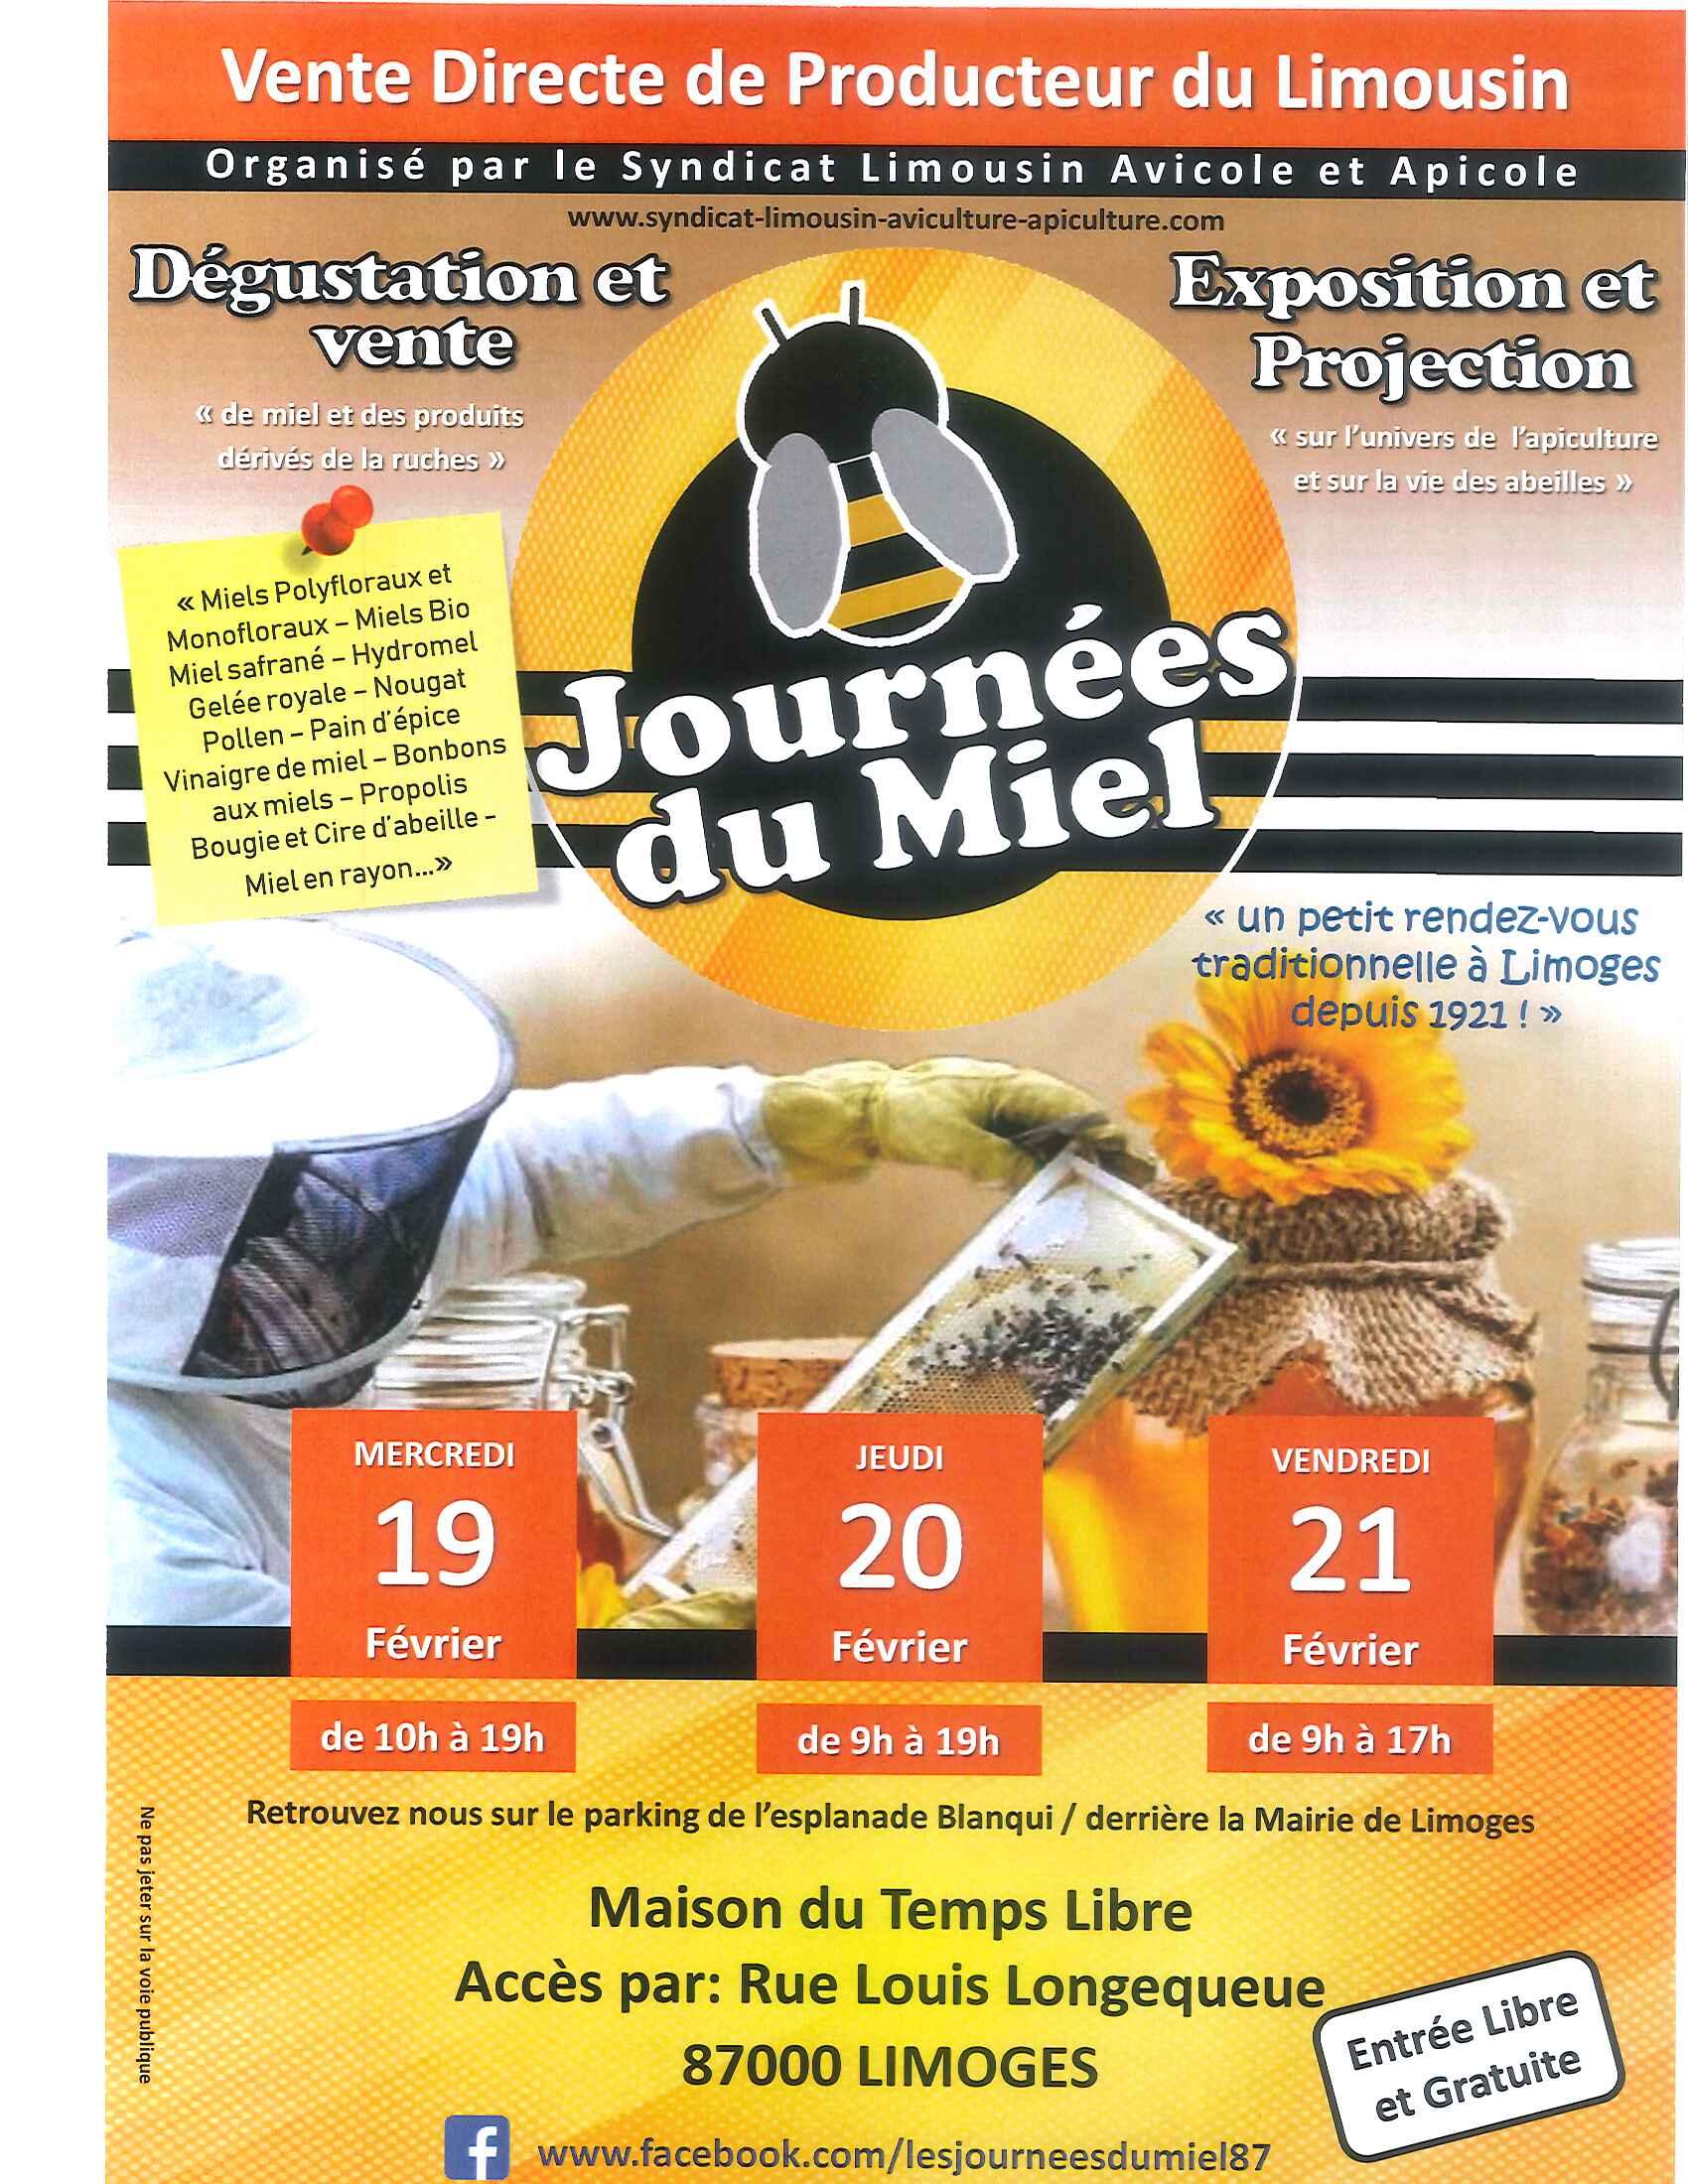 Limoges : Journées du Miel